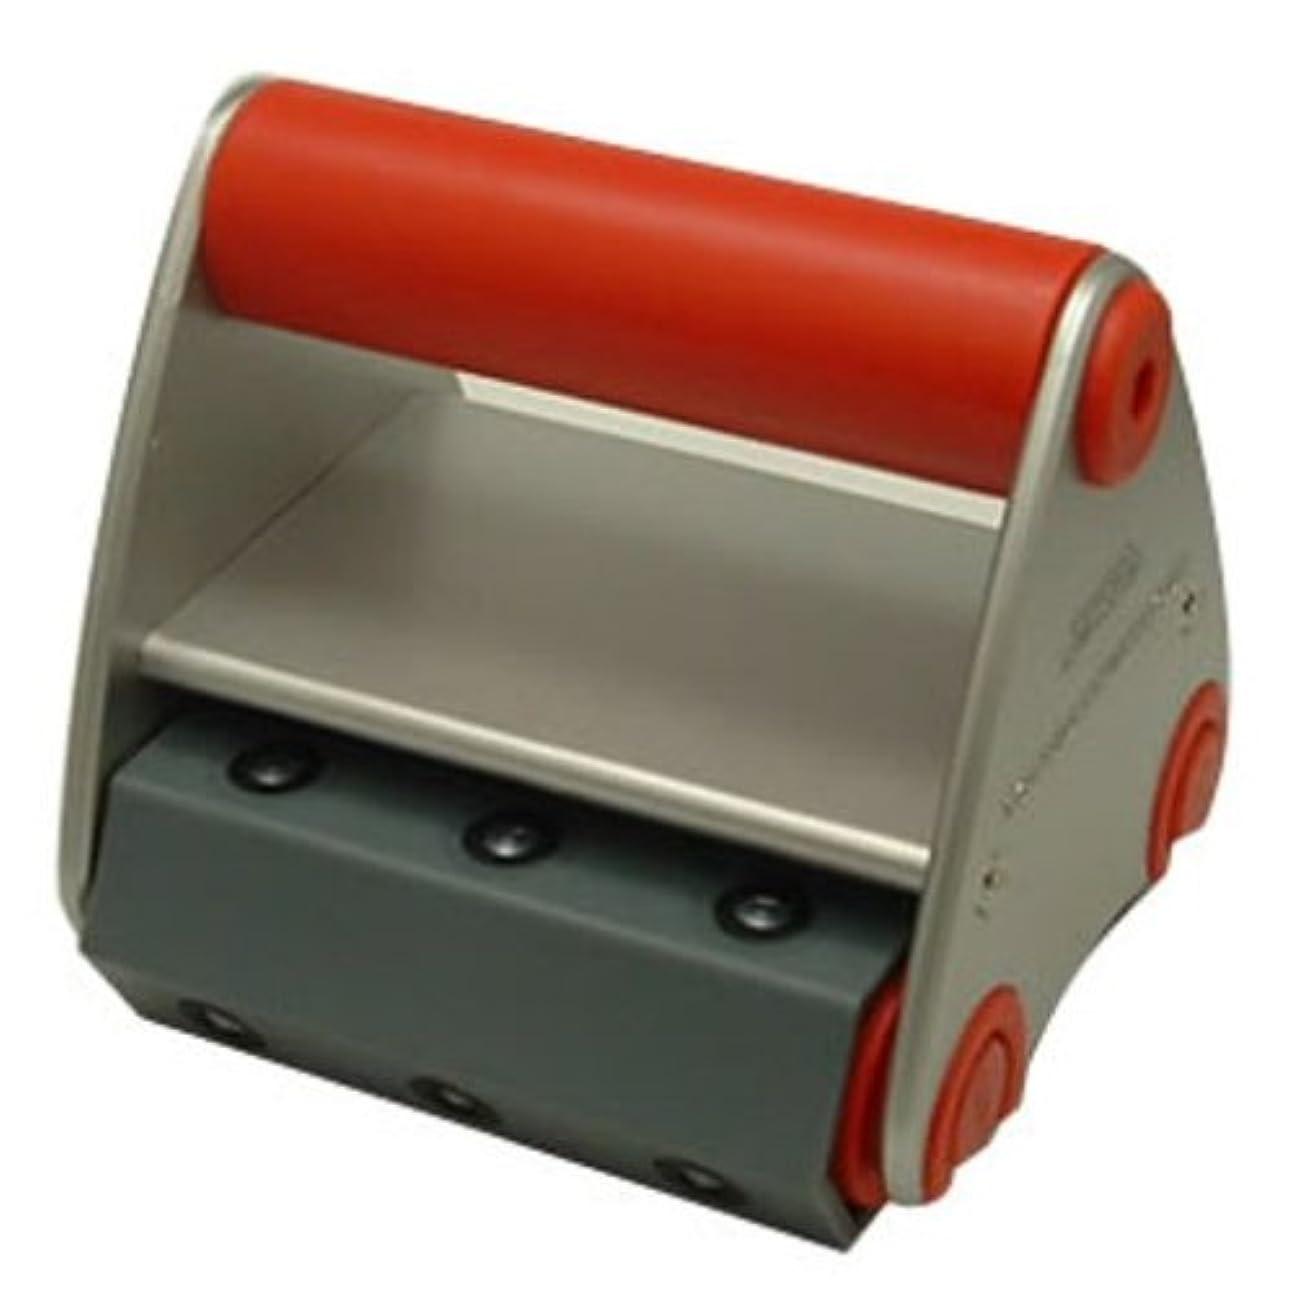 修理工全体是正するゲルマニウムセルアウトローラー(ボディ用)